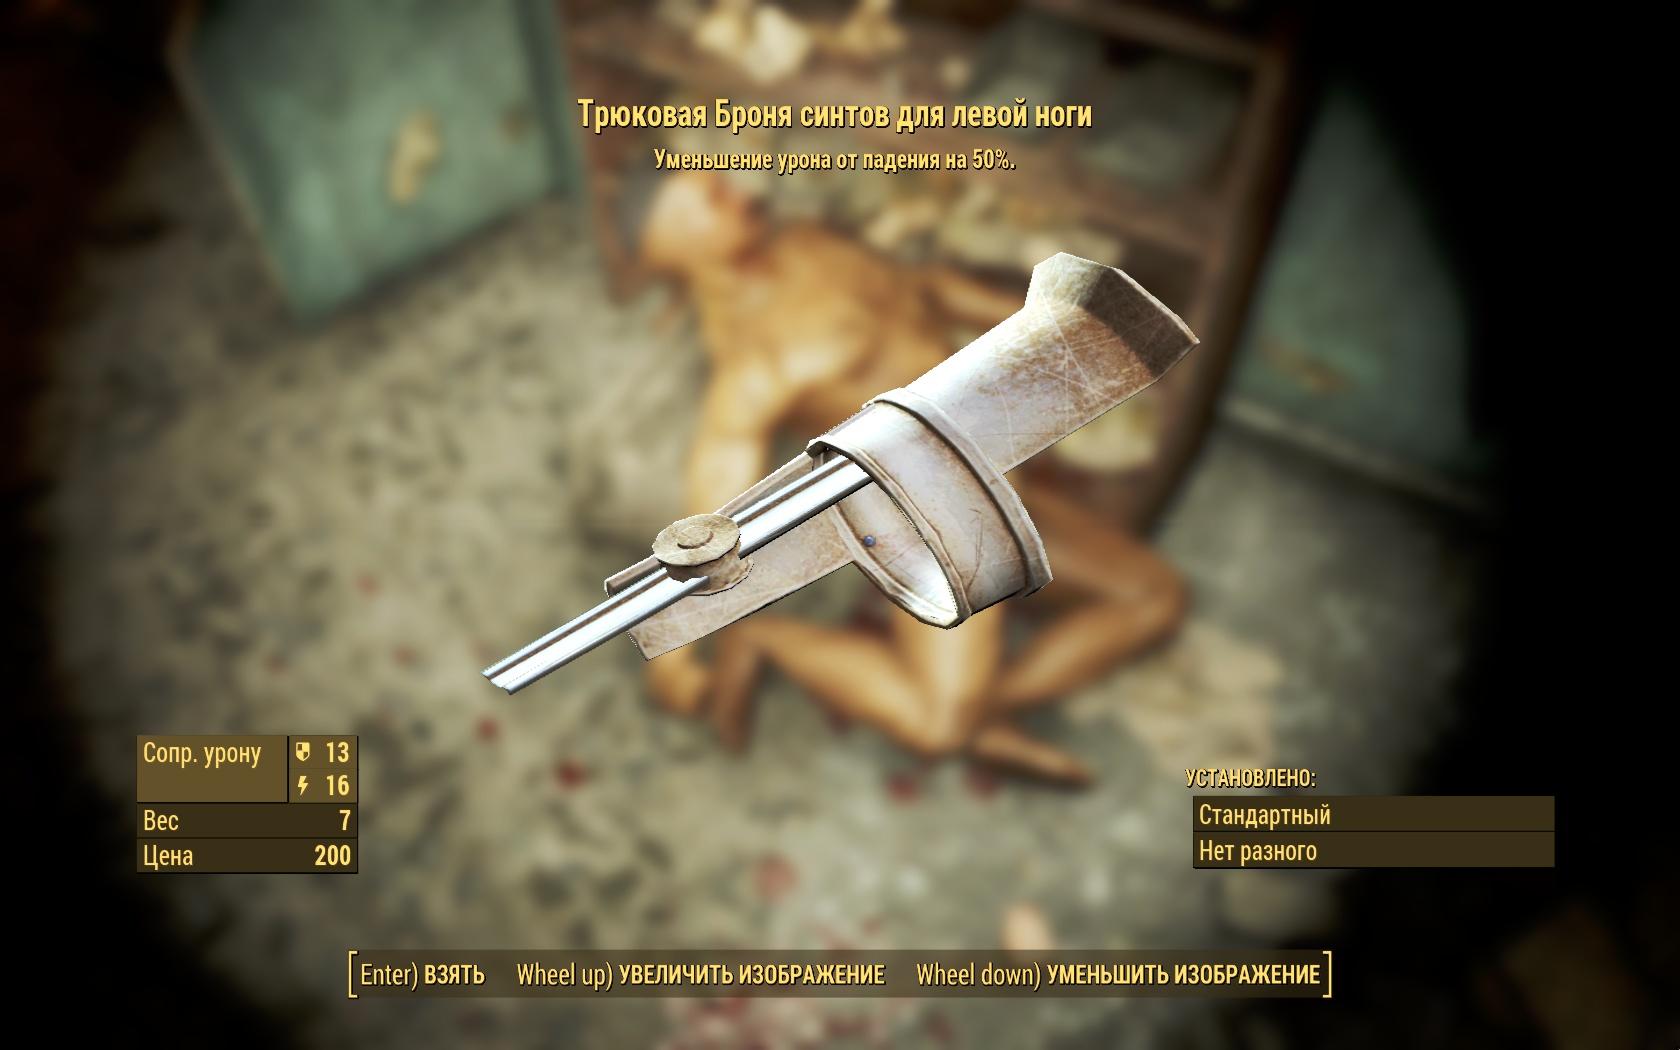 Трюковая броня синтов для левой ноги - Fallout 4 броня, Одежда, Трюковая